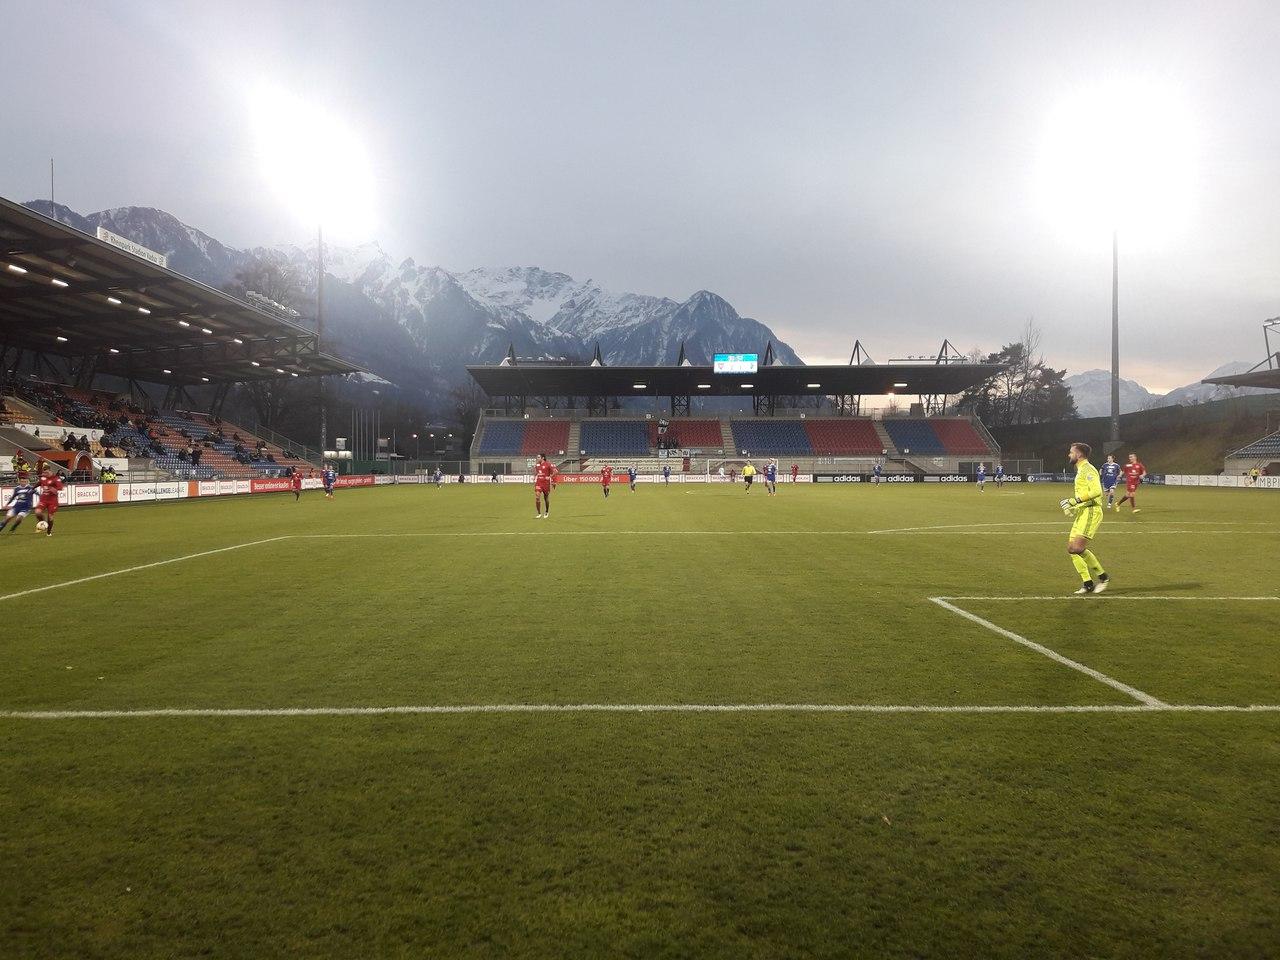 стадион Райнпарк в Вадуце на матче с Воленом